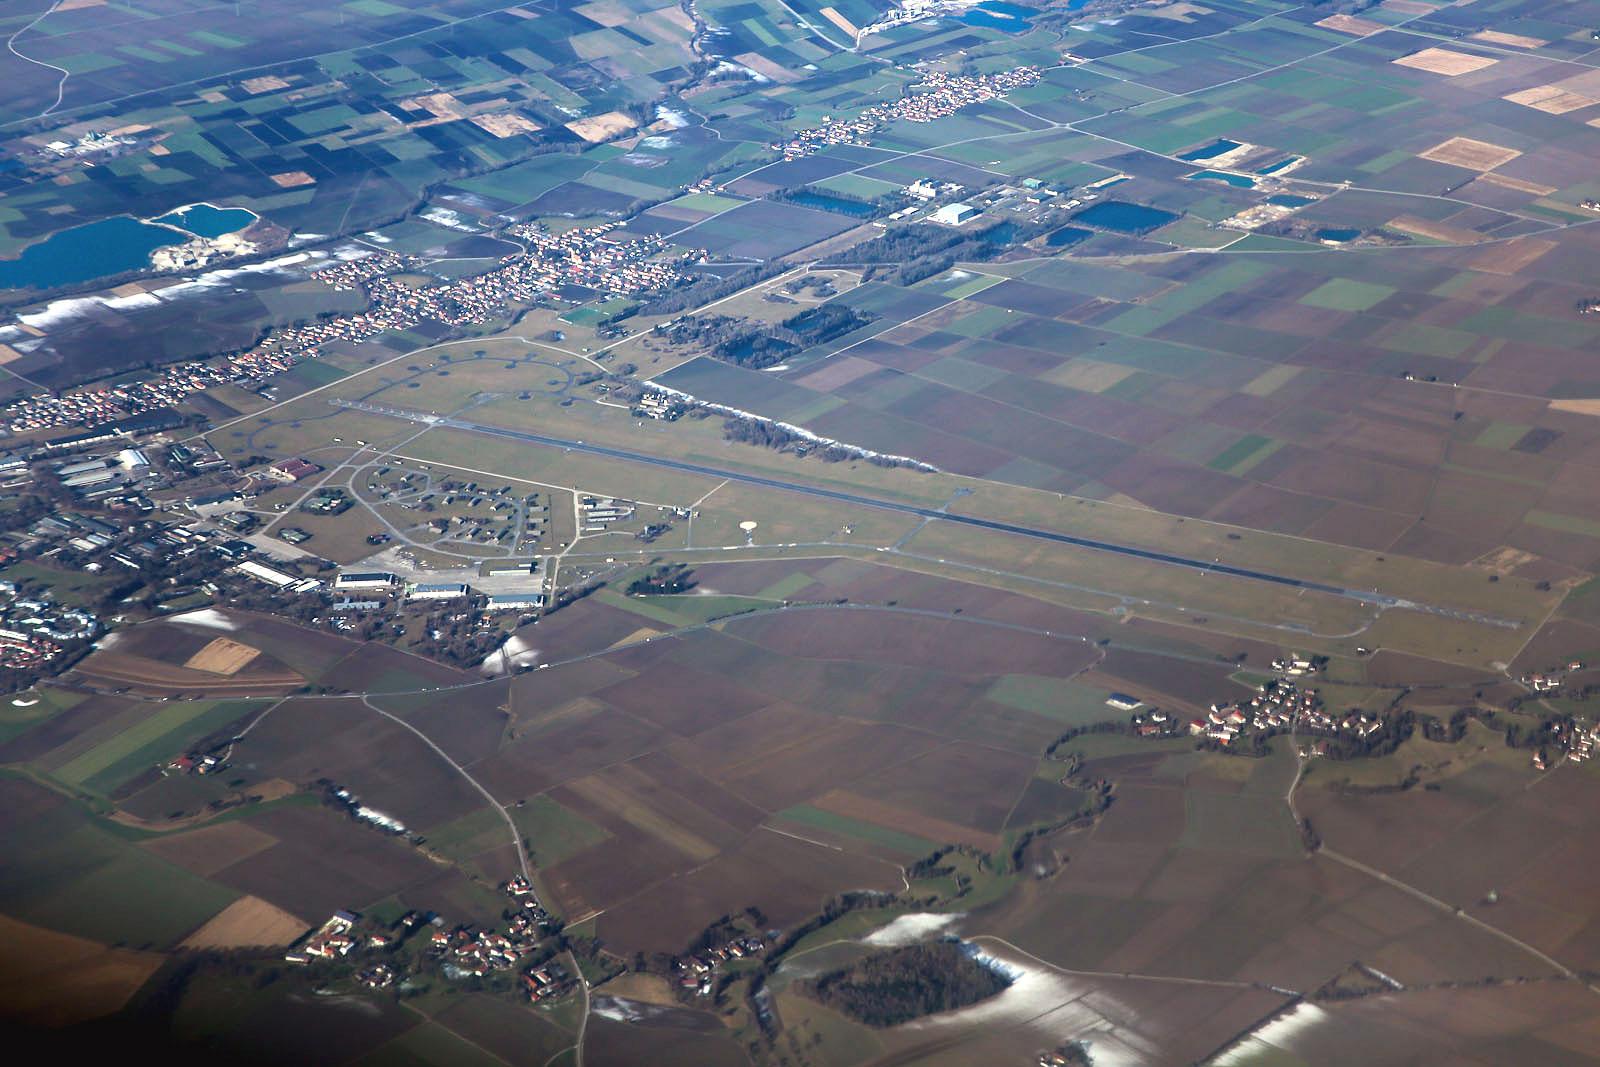 Военный аэродром Эрдинг в Германии